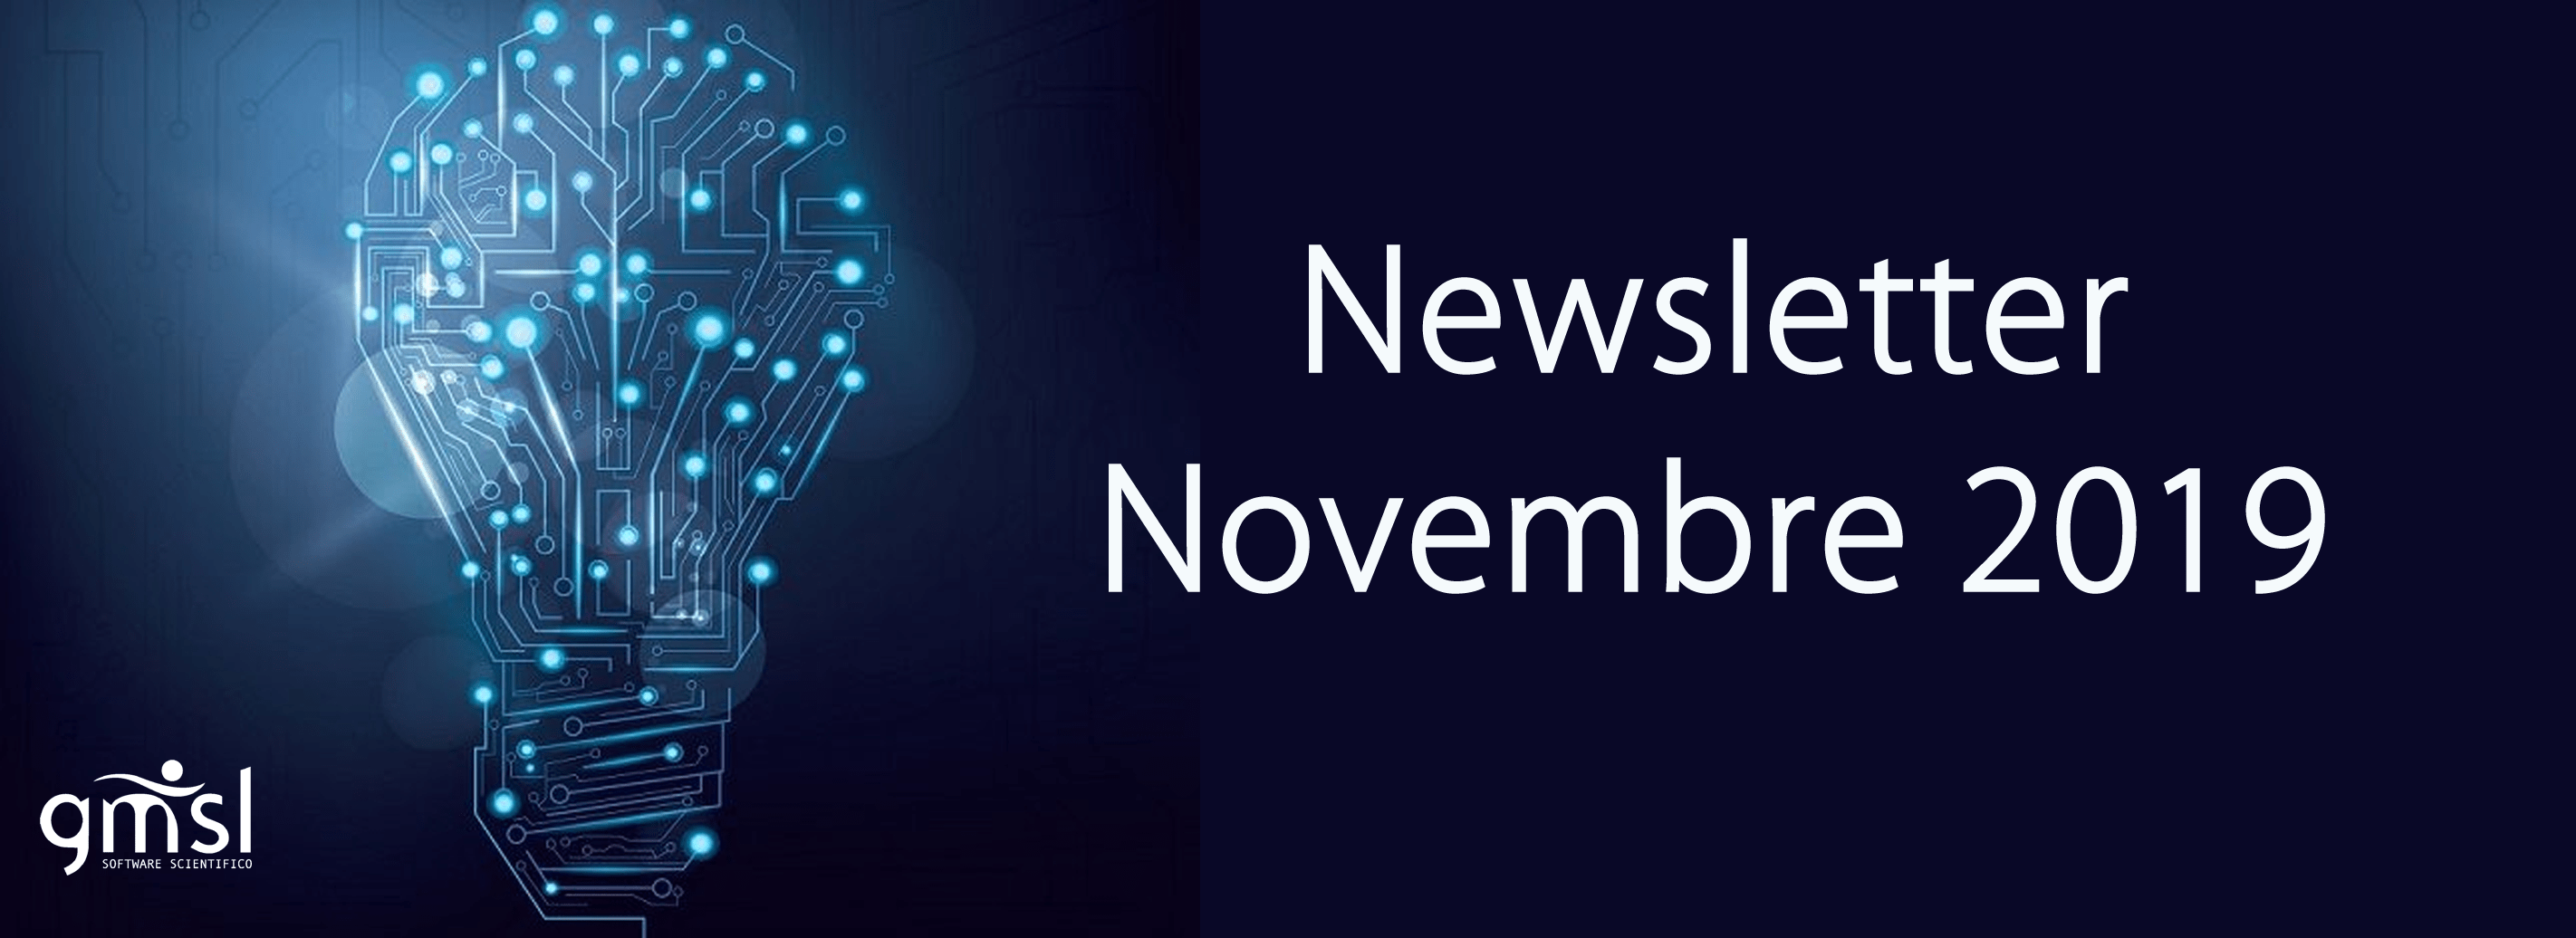 2019_Novembre Newsletter Novembre 2019